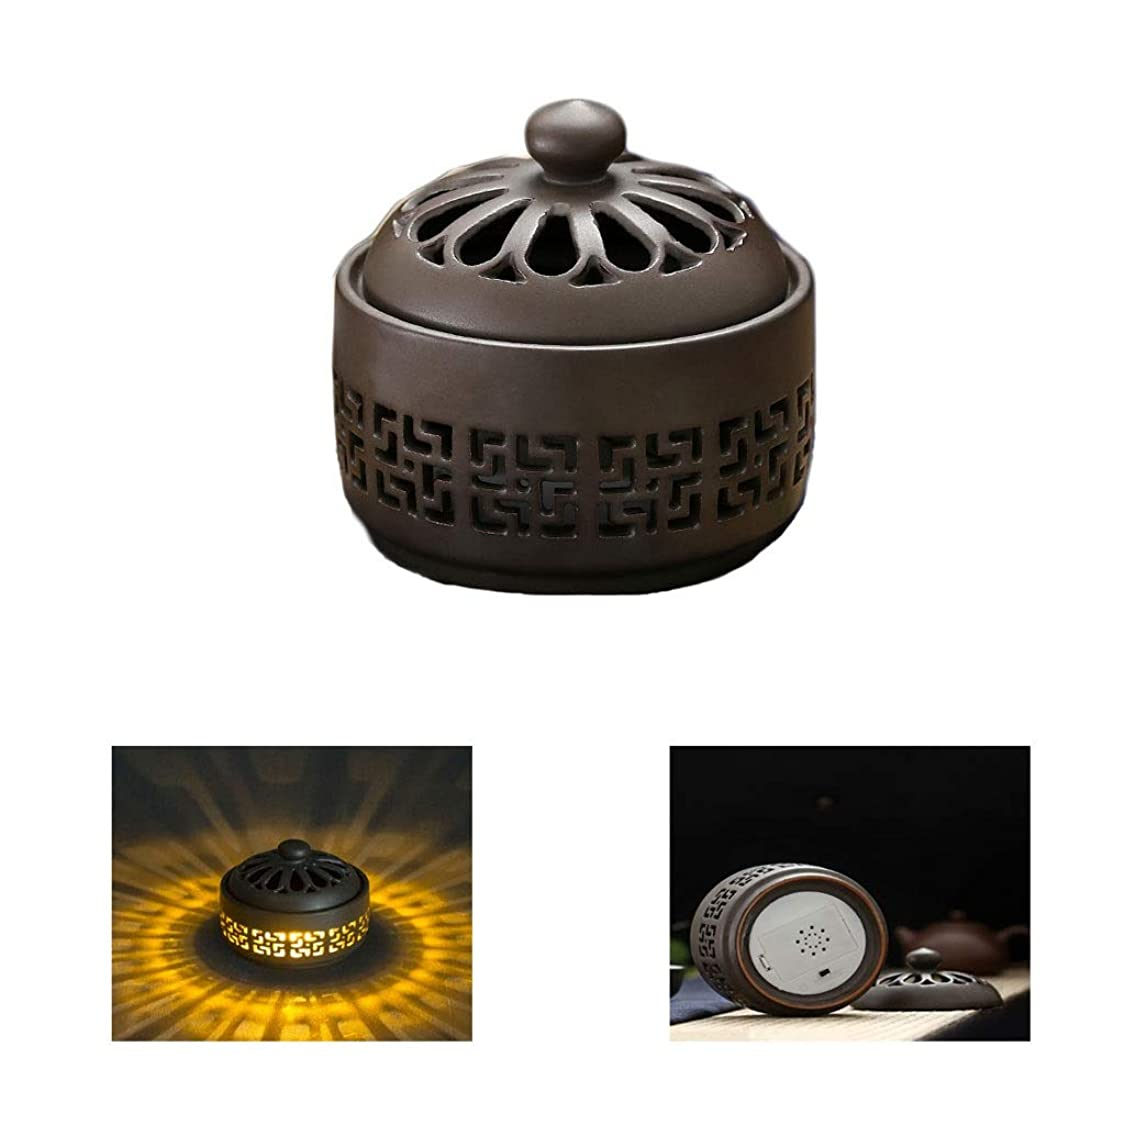 申請中弁護士排気芳香器?アロマバーナー LED暖かい光香バーナーレトロノスタルジックなセラミック香炉高温アロマセラピー炉 アロマバーナー (Color : Earth tones)